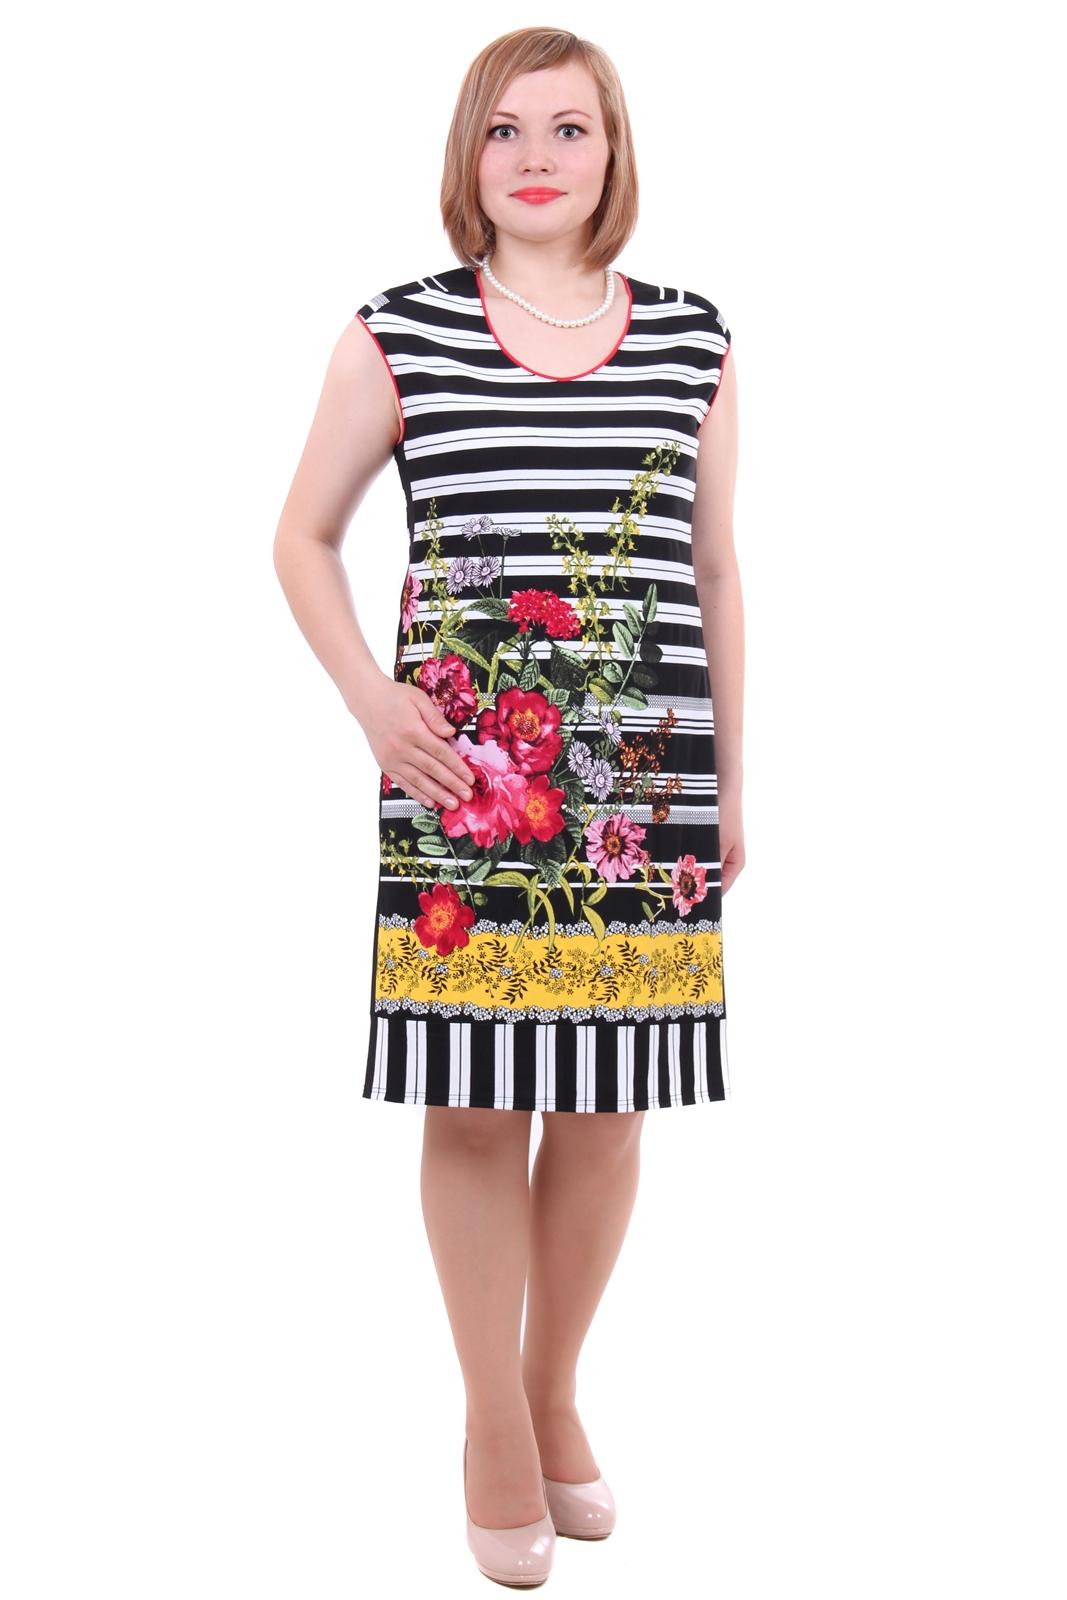 Распродажа женской одежды, скидки на одежду